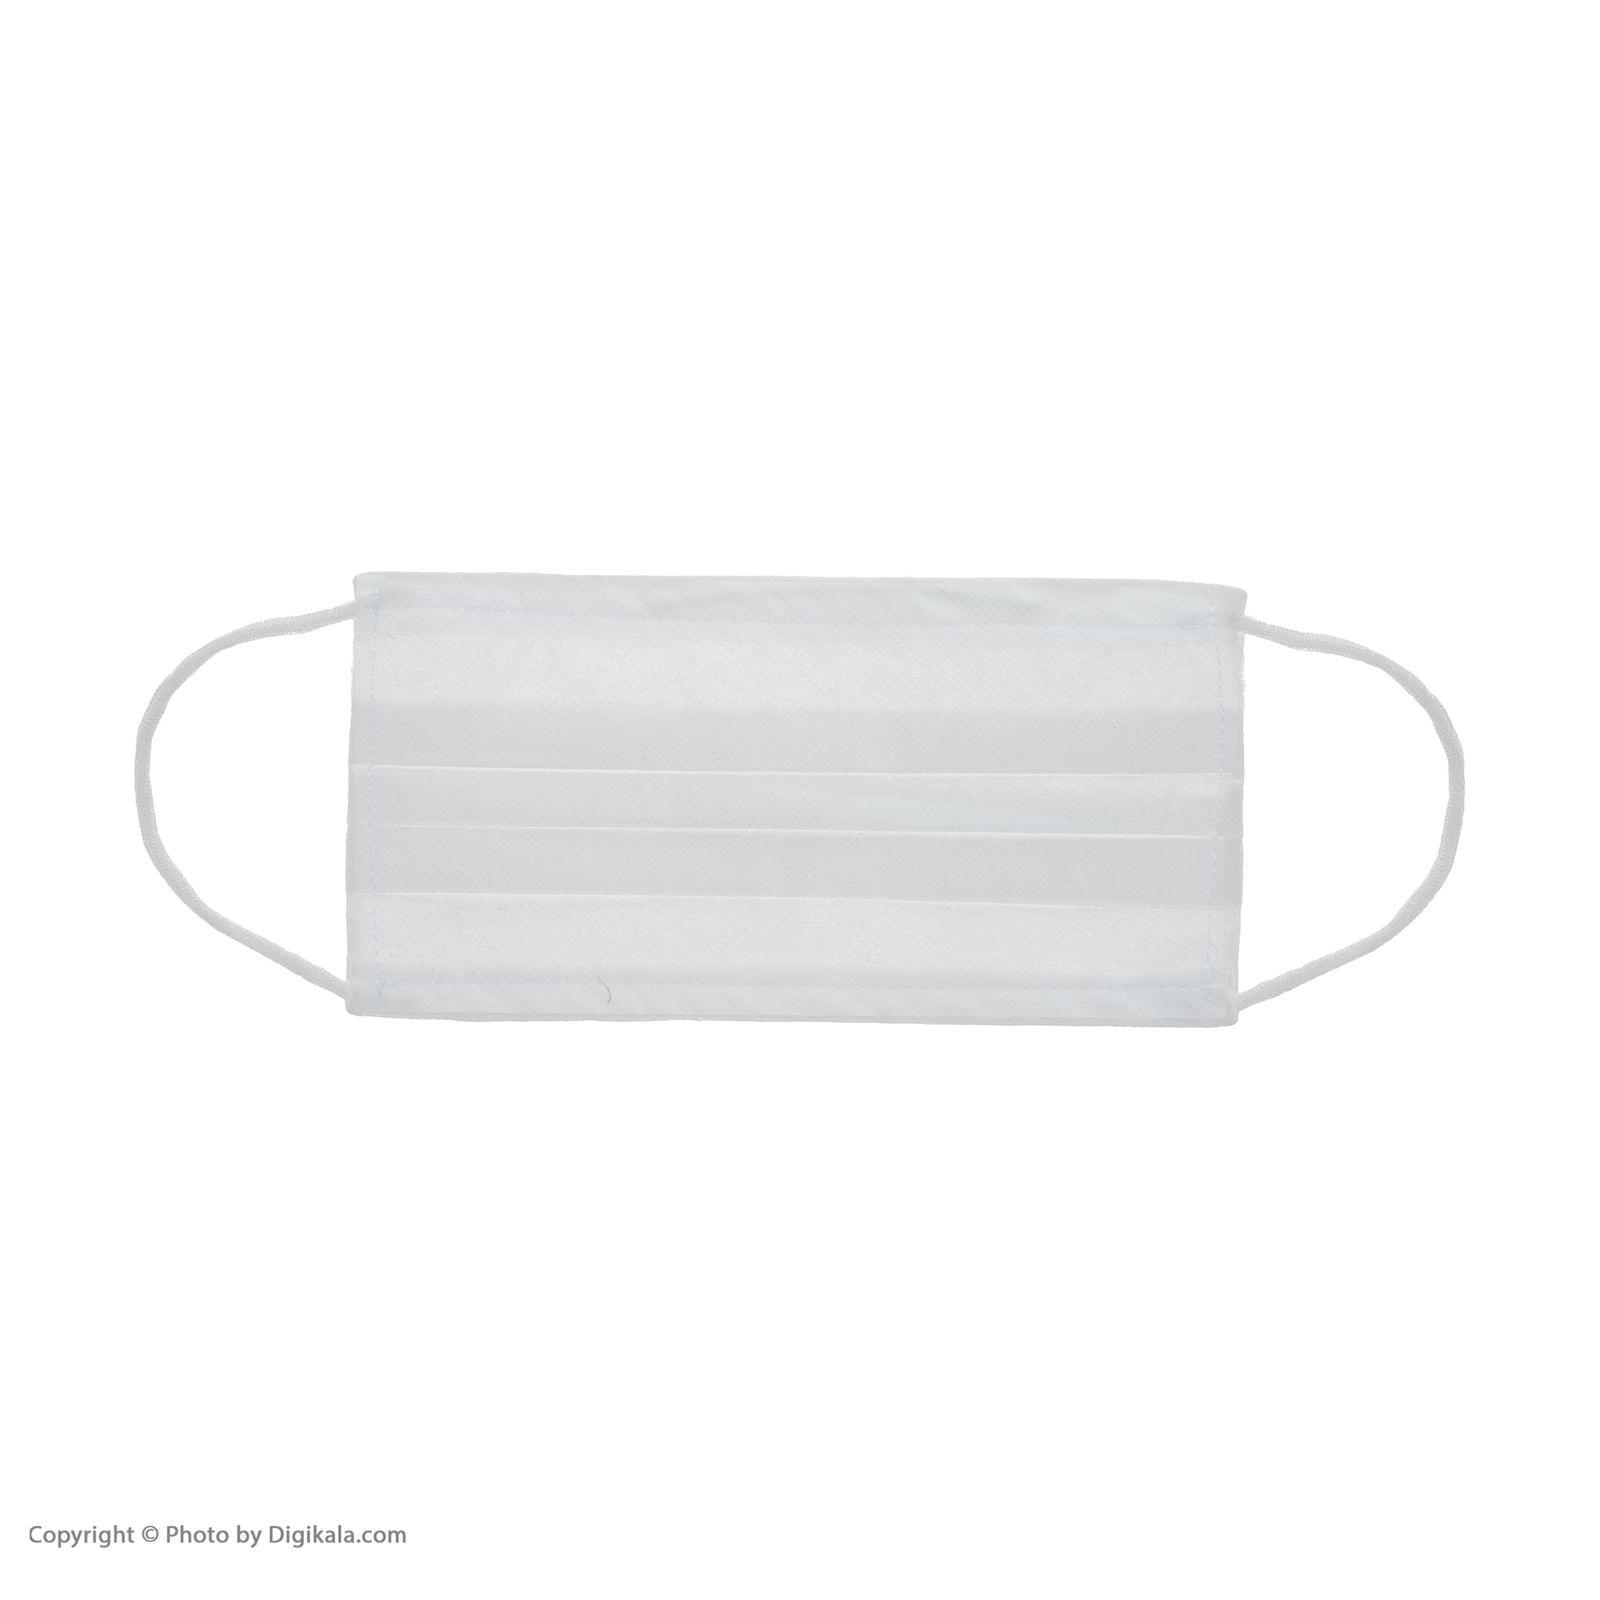 ماسک تنفسی مدل M03 بسته 50 عددی main 1 2